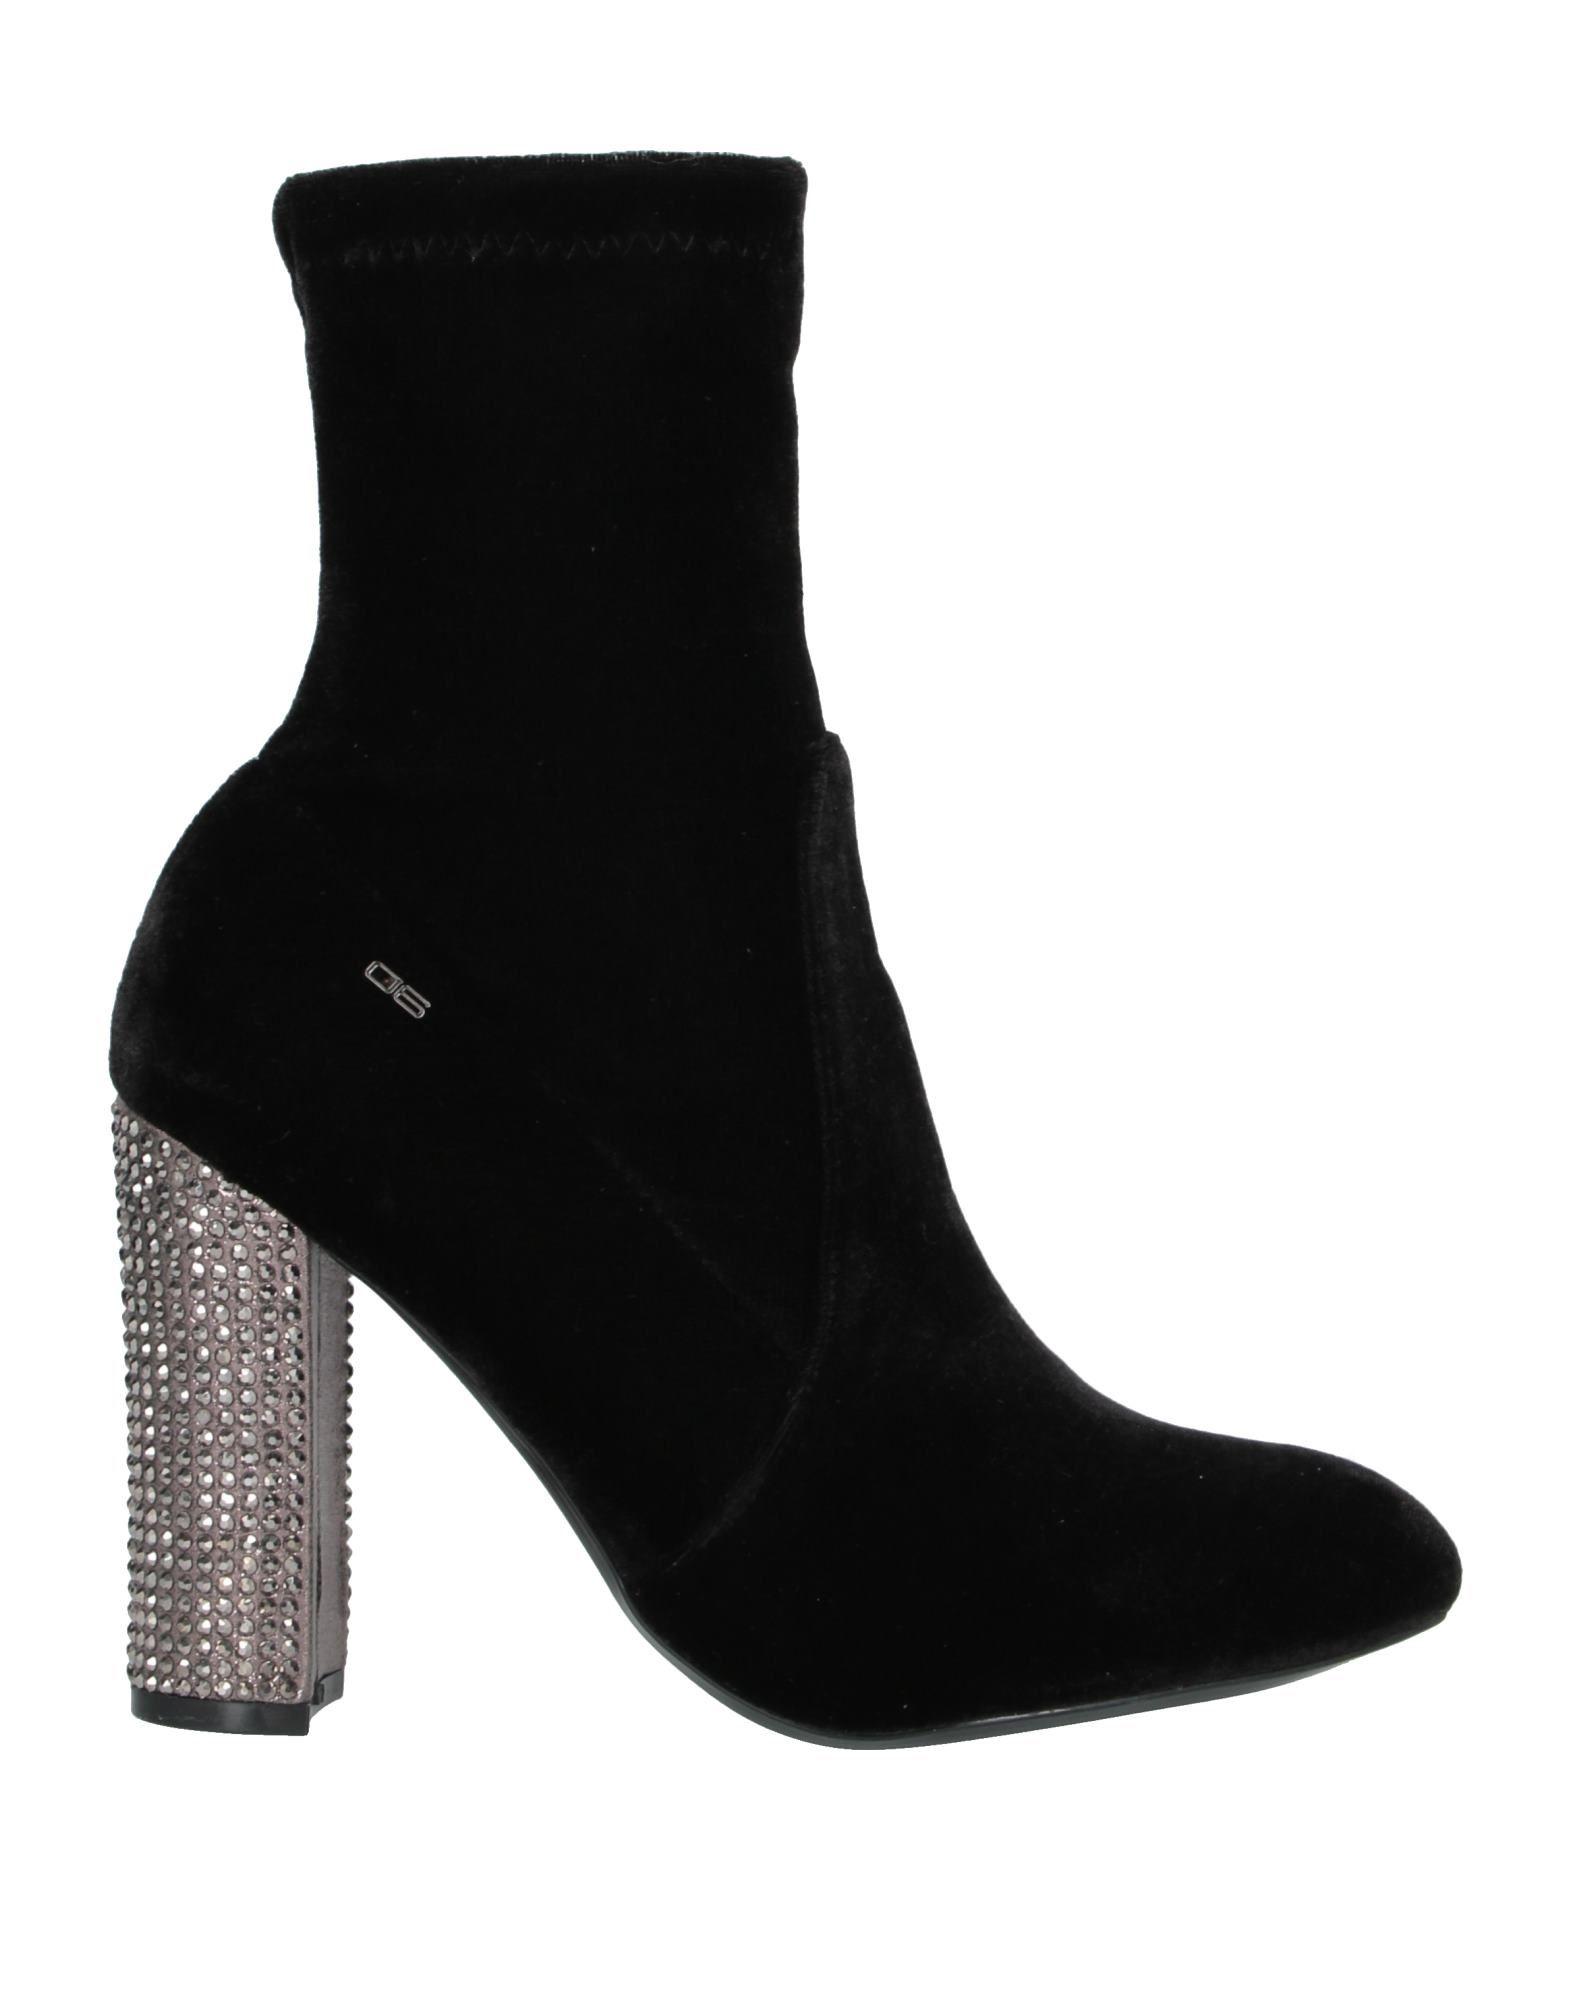 06 MILANO Полусапоги и высокие ботинки o6 milano полусапоги и высокие ботинки